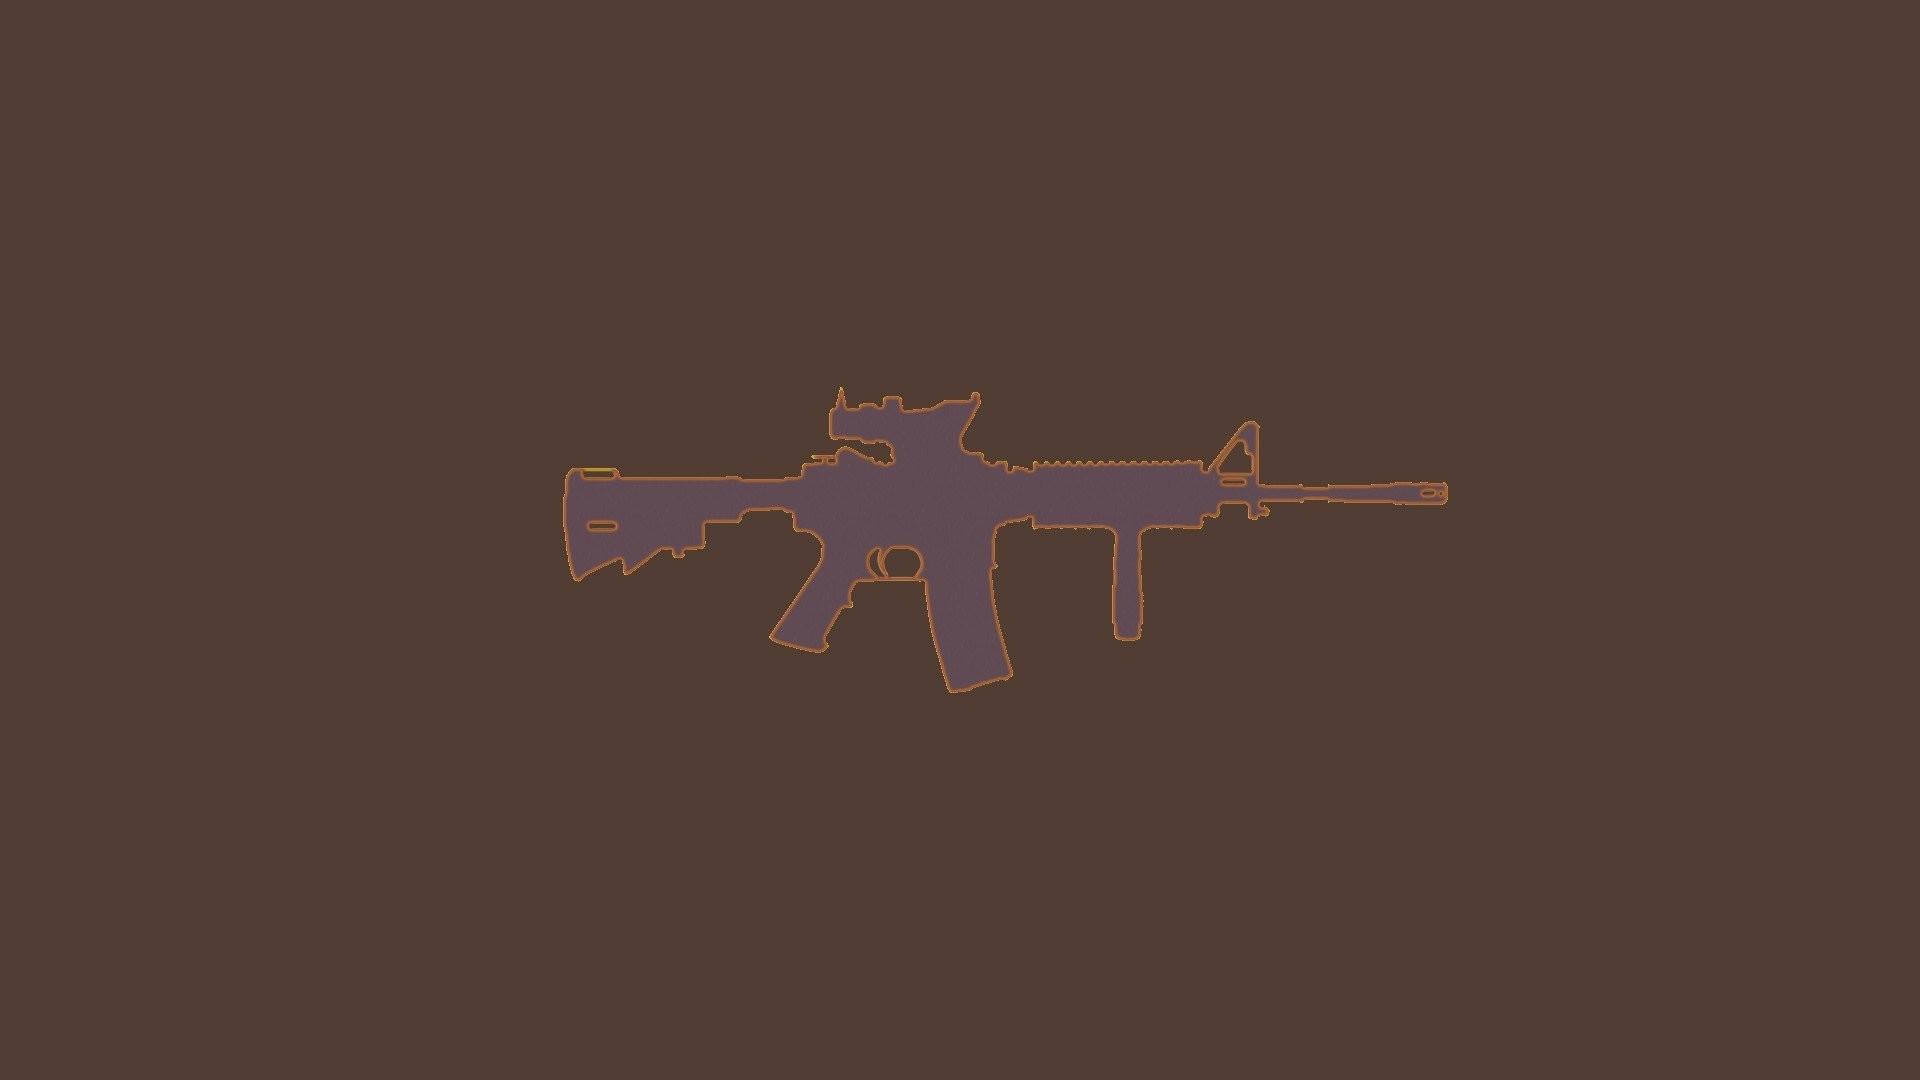 Res: 1920x1080, gun m416 m4a1 machine gun ar 15 acog silhouette wallpaper and background